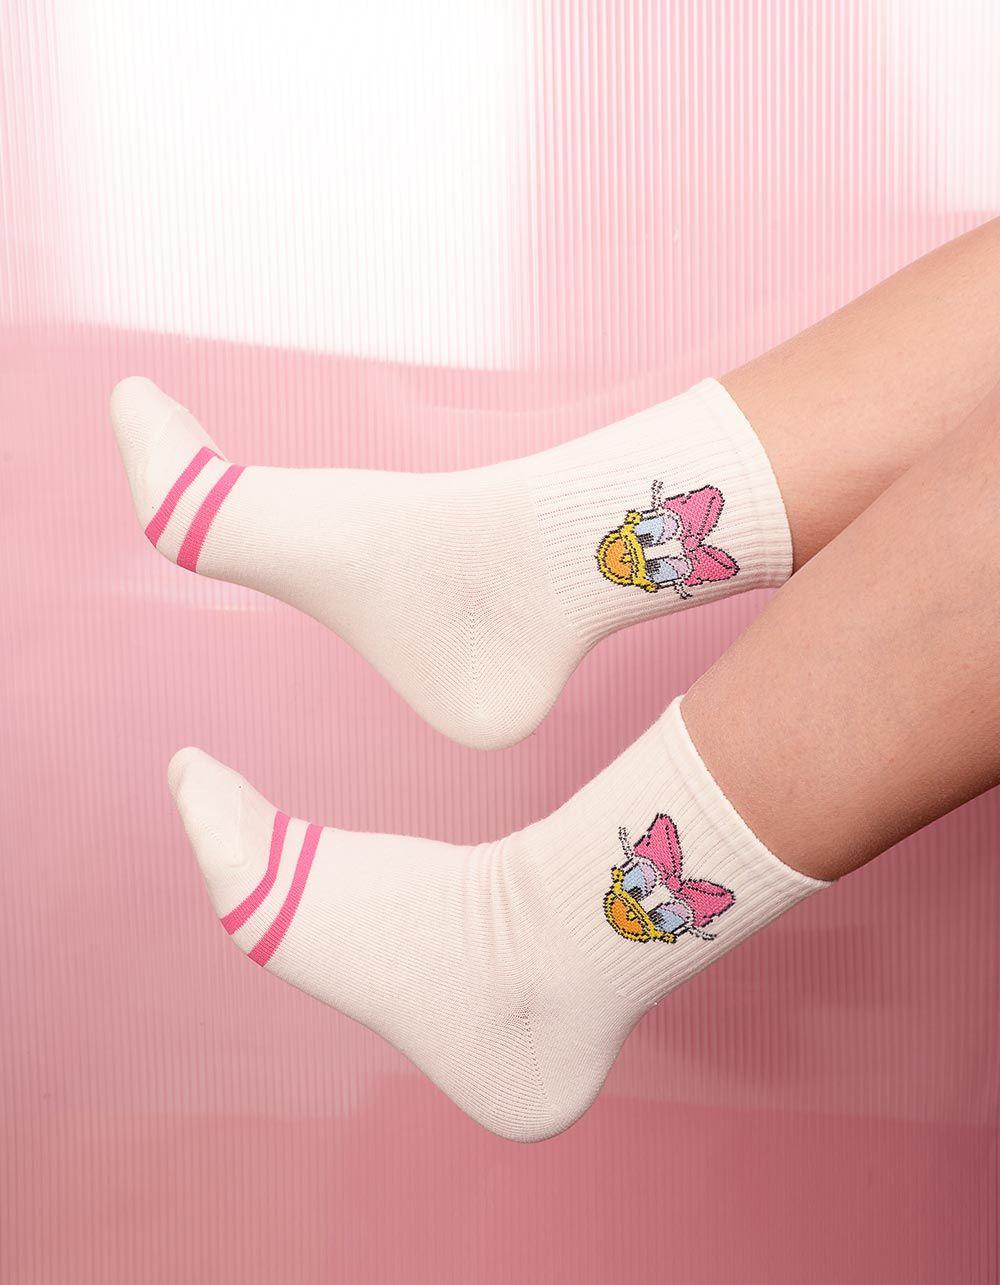 Шкарпетки з принтом мікі мауса у смужку | 238525-21-XX